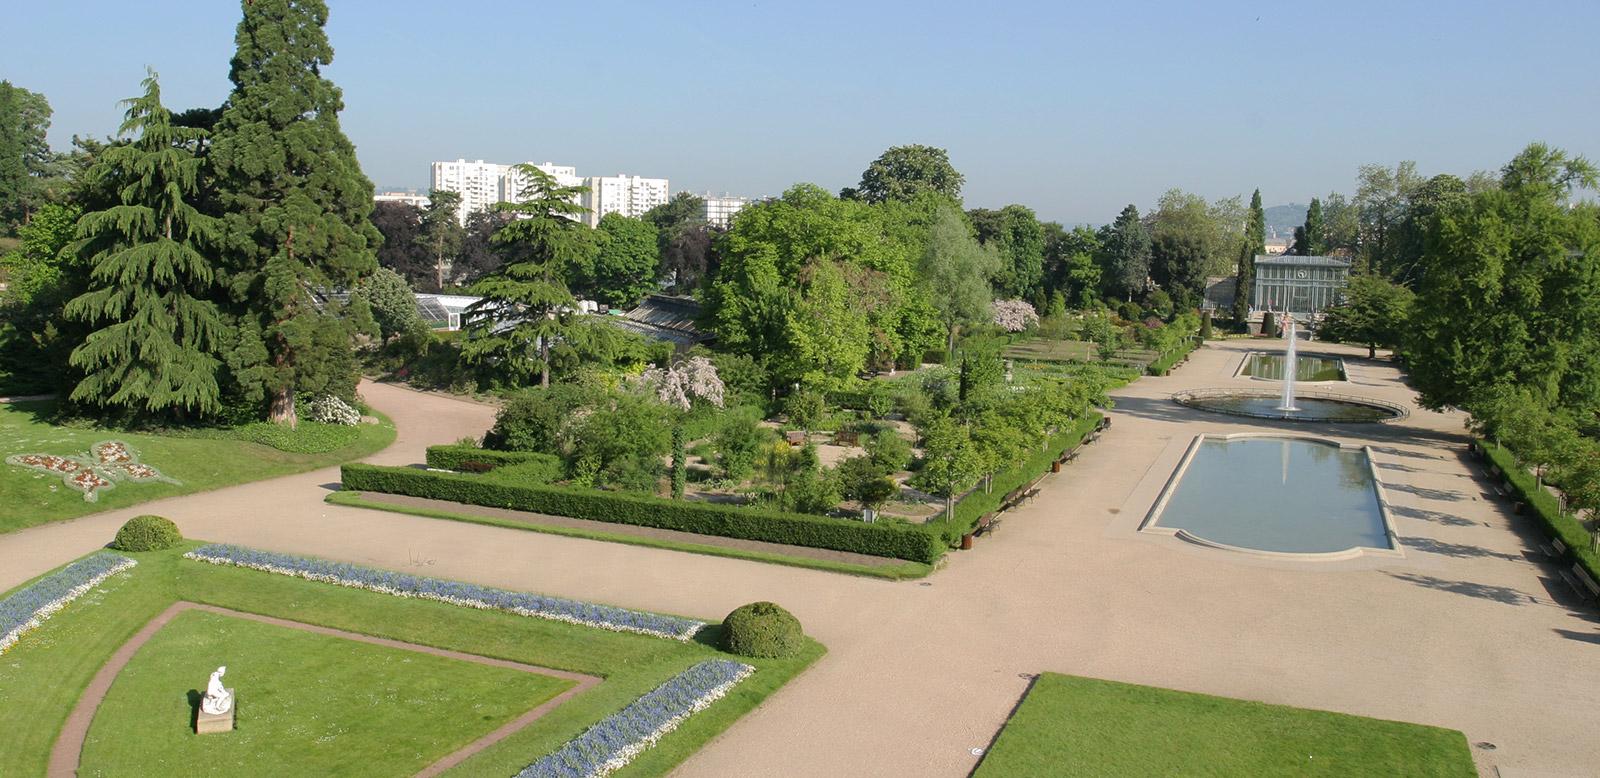 Jardin des Plantes | Rouen.fr